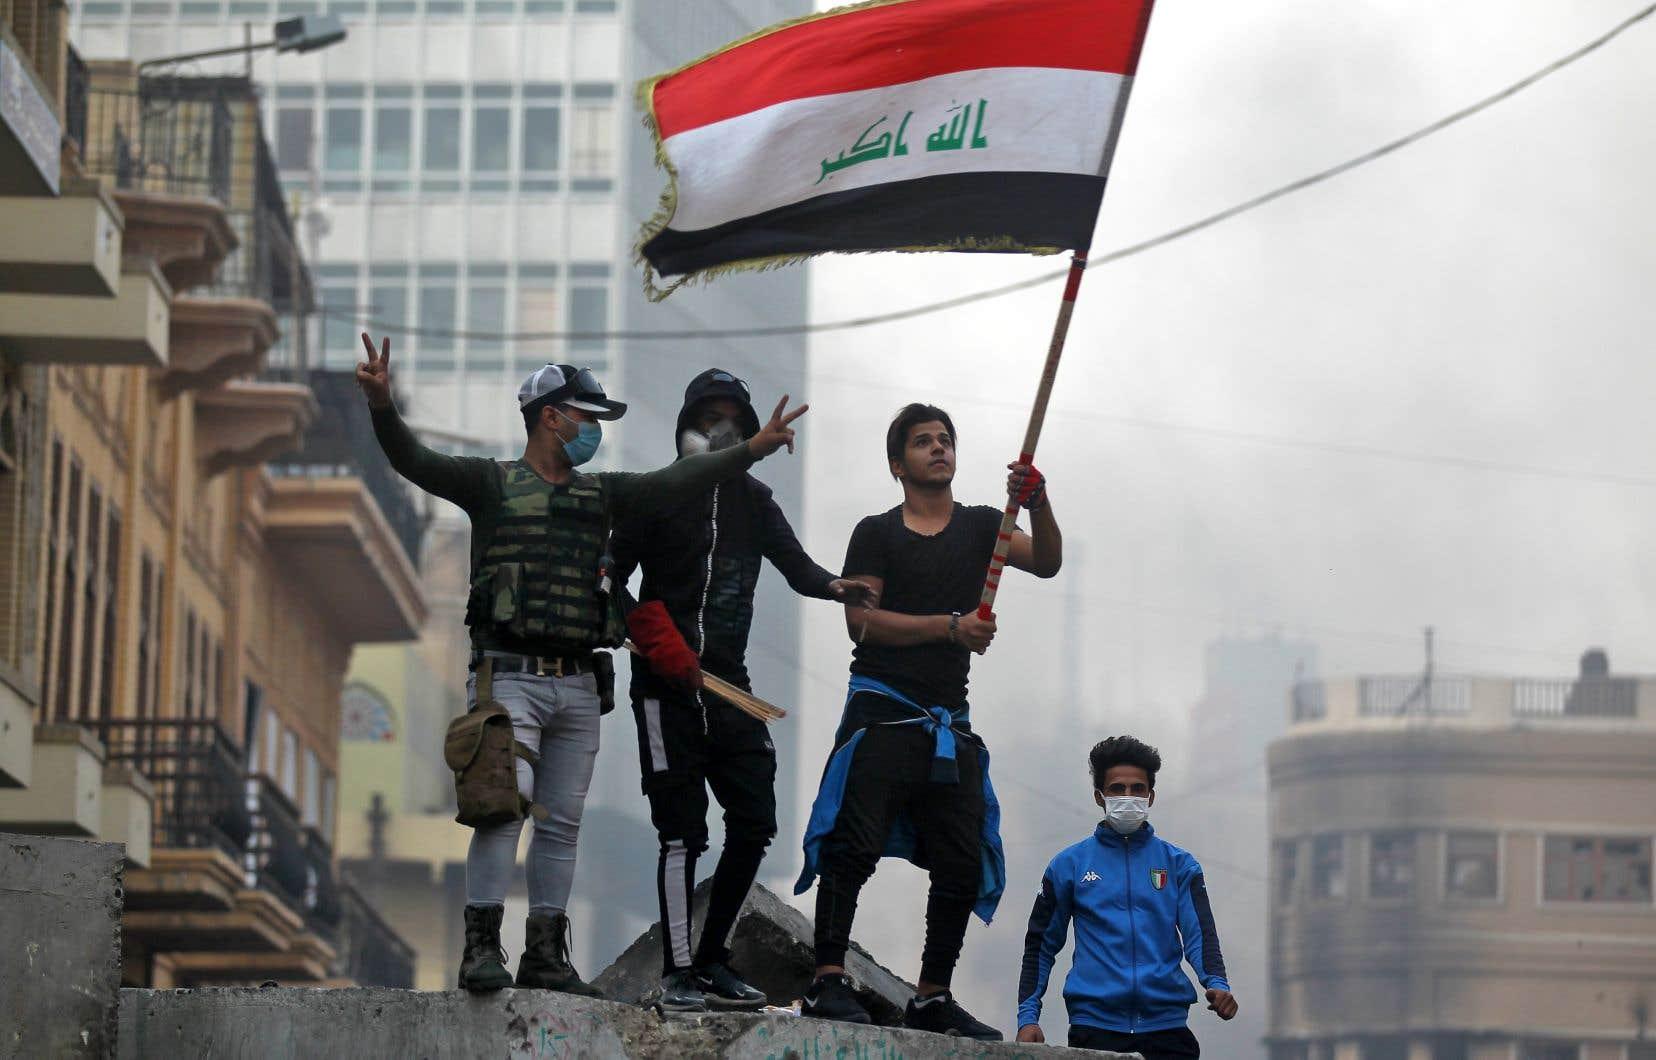 Sur la place Tahrir, épicentre de la contestation à Bagdad, les jeunes manifestants ont abandonné les pierres qu'ils jetaient sur les forces de l'ordre pour célébrer l'annonce de la démission du premier ministre.